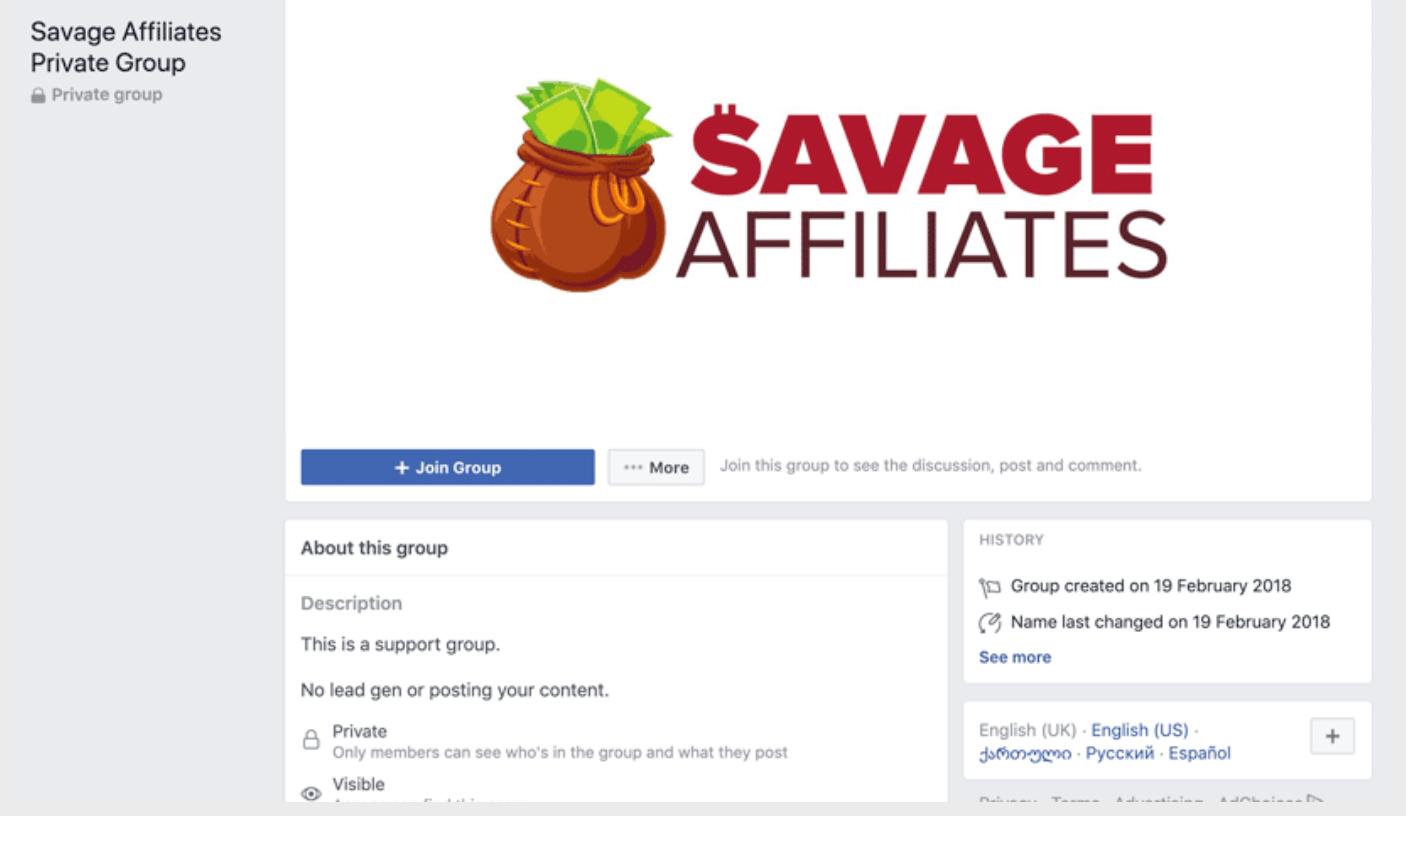 Savage Affiliates Facebook